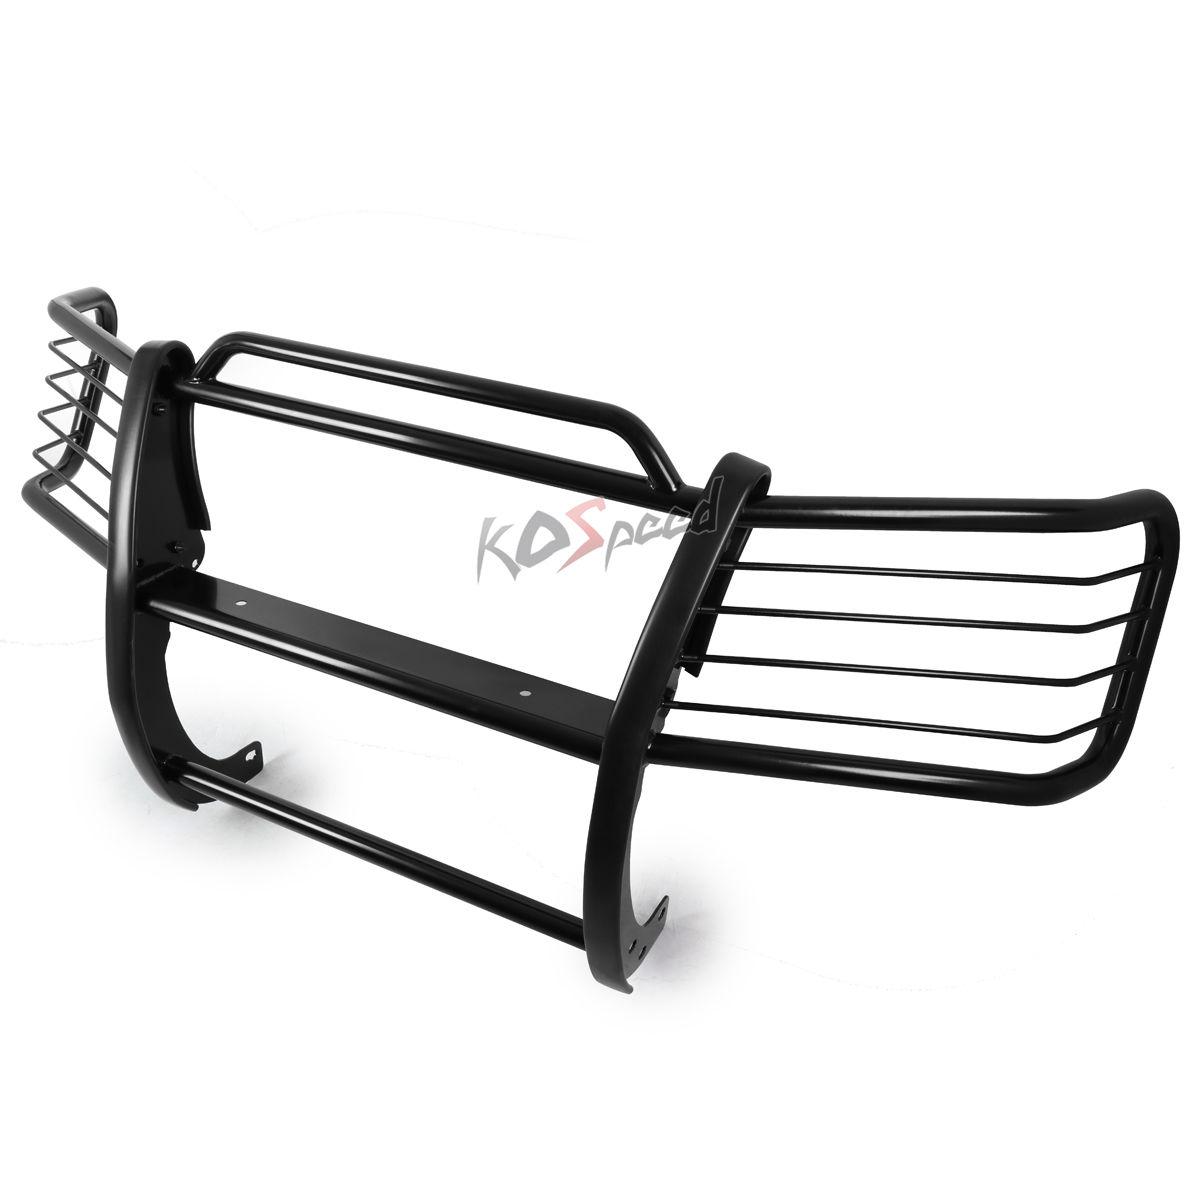 グリル 98-04 S10ブレイザー/ S15ソノマ用ブラックマイルドスチールブラシグリルガードフレームバー Black Mild Steel Brush Grille Guard Frame Bar for 98-04 S10 Blazer/S15 Sonoma